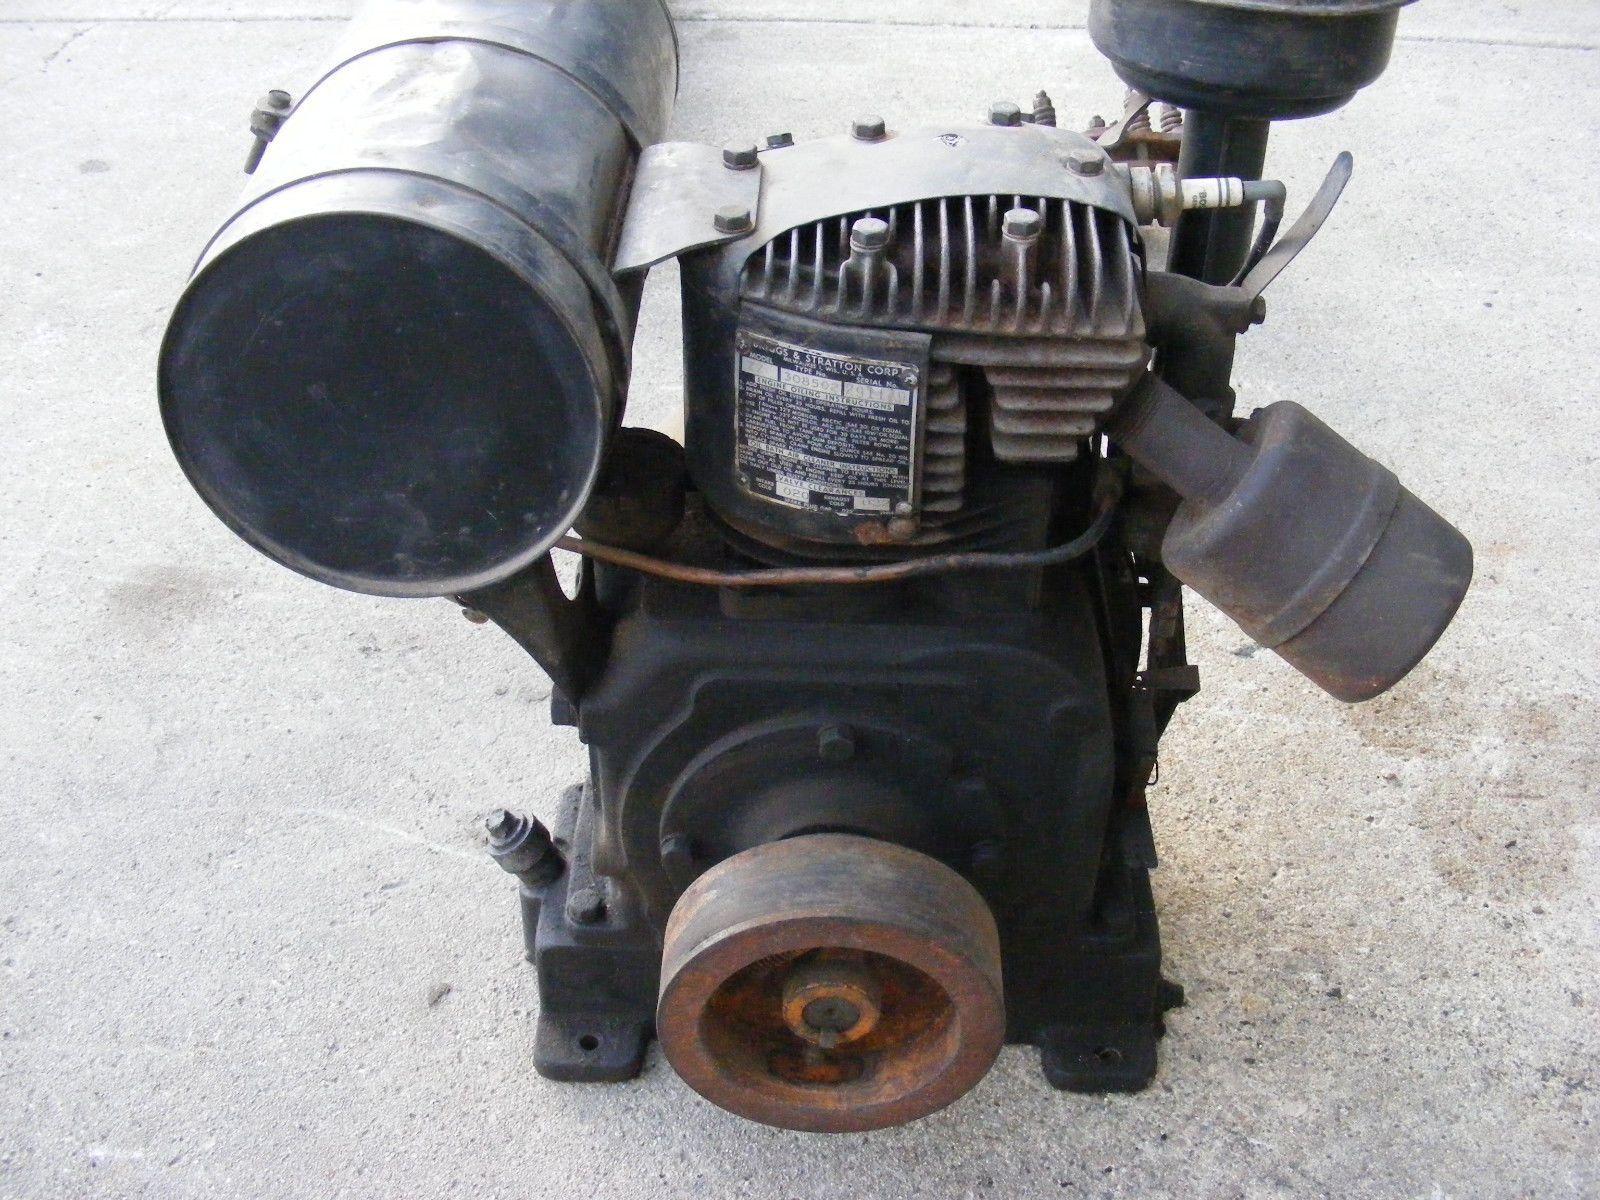 Vintage Engines Motor Briggs Stratton Zz Briggs Stratton Stratton Briggs